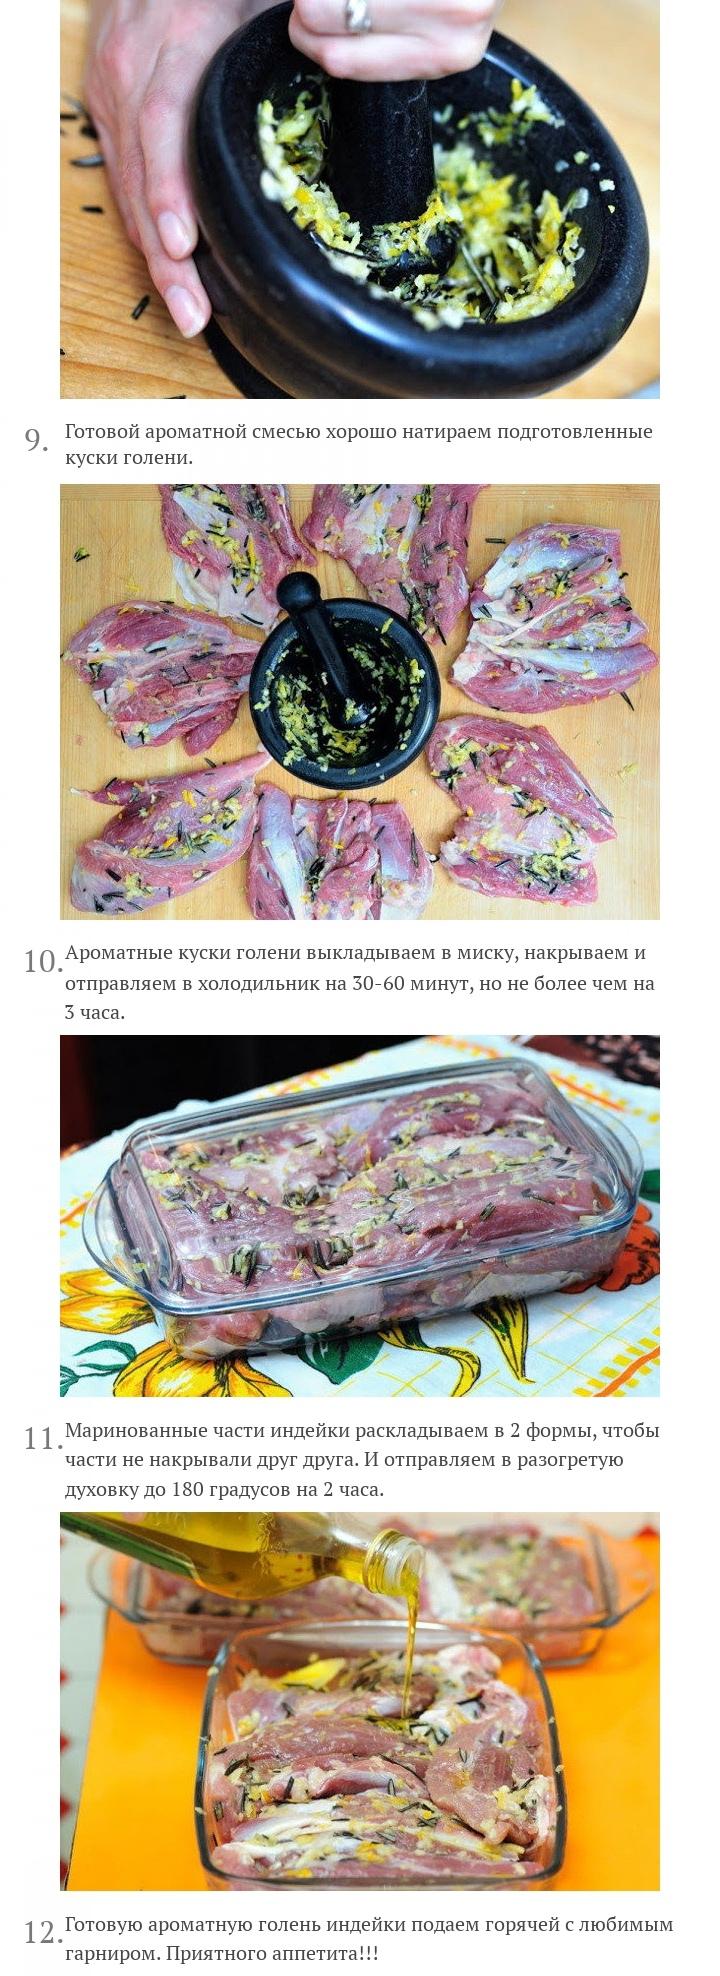 Голень индейки без костей в духовке, изображение №4